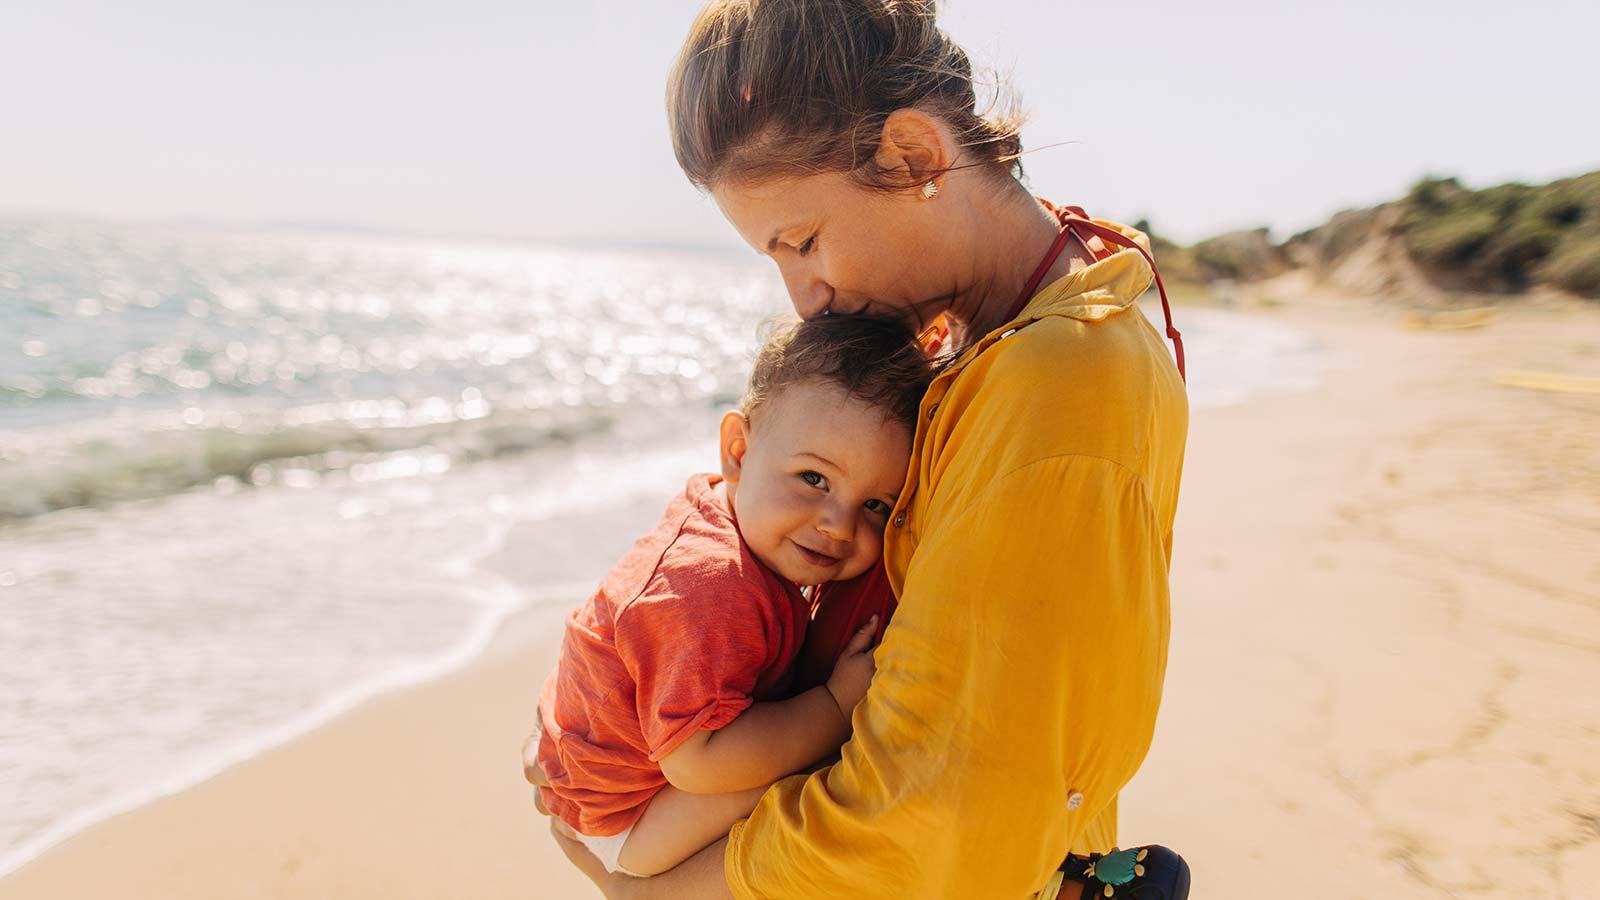 Os bebés saudáveis de todo o mundo são concebidos com a ajuda de esperma de doador